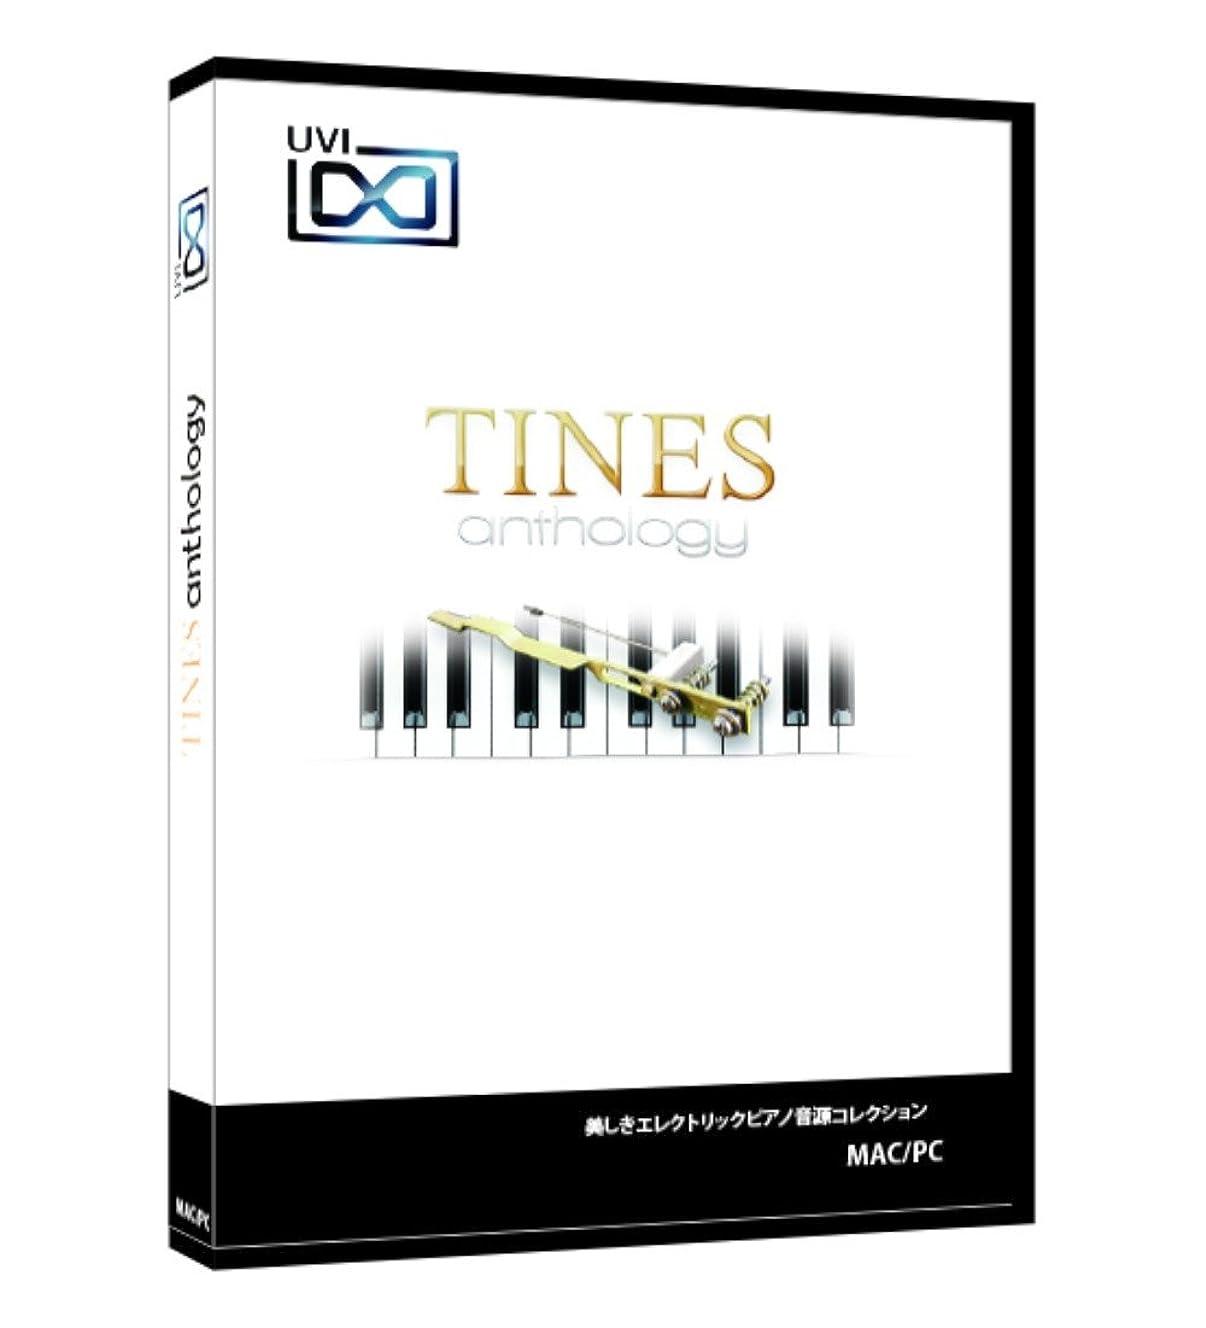 もっと少なく祖父母を訪問くぼみUVI Tines Anthology エレクトリックピアノ音源コレクション【ダウンロード製品/国内正規品】